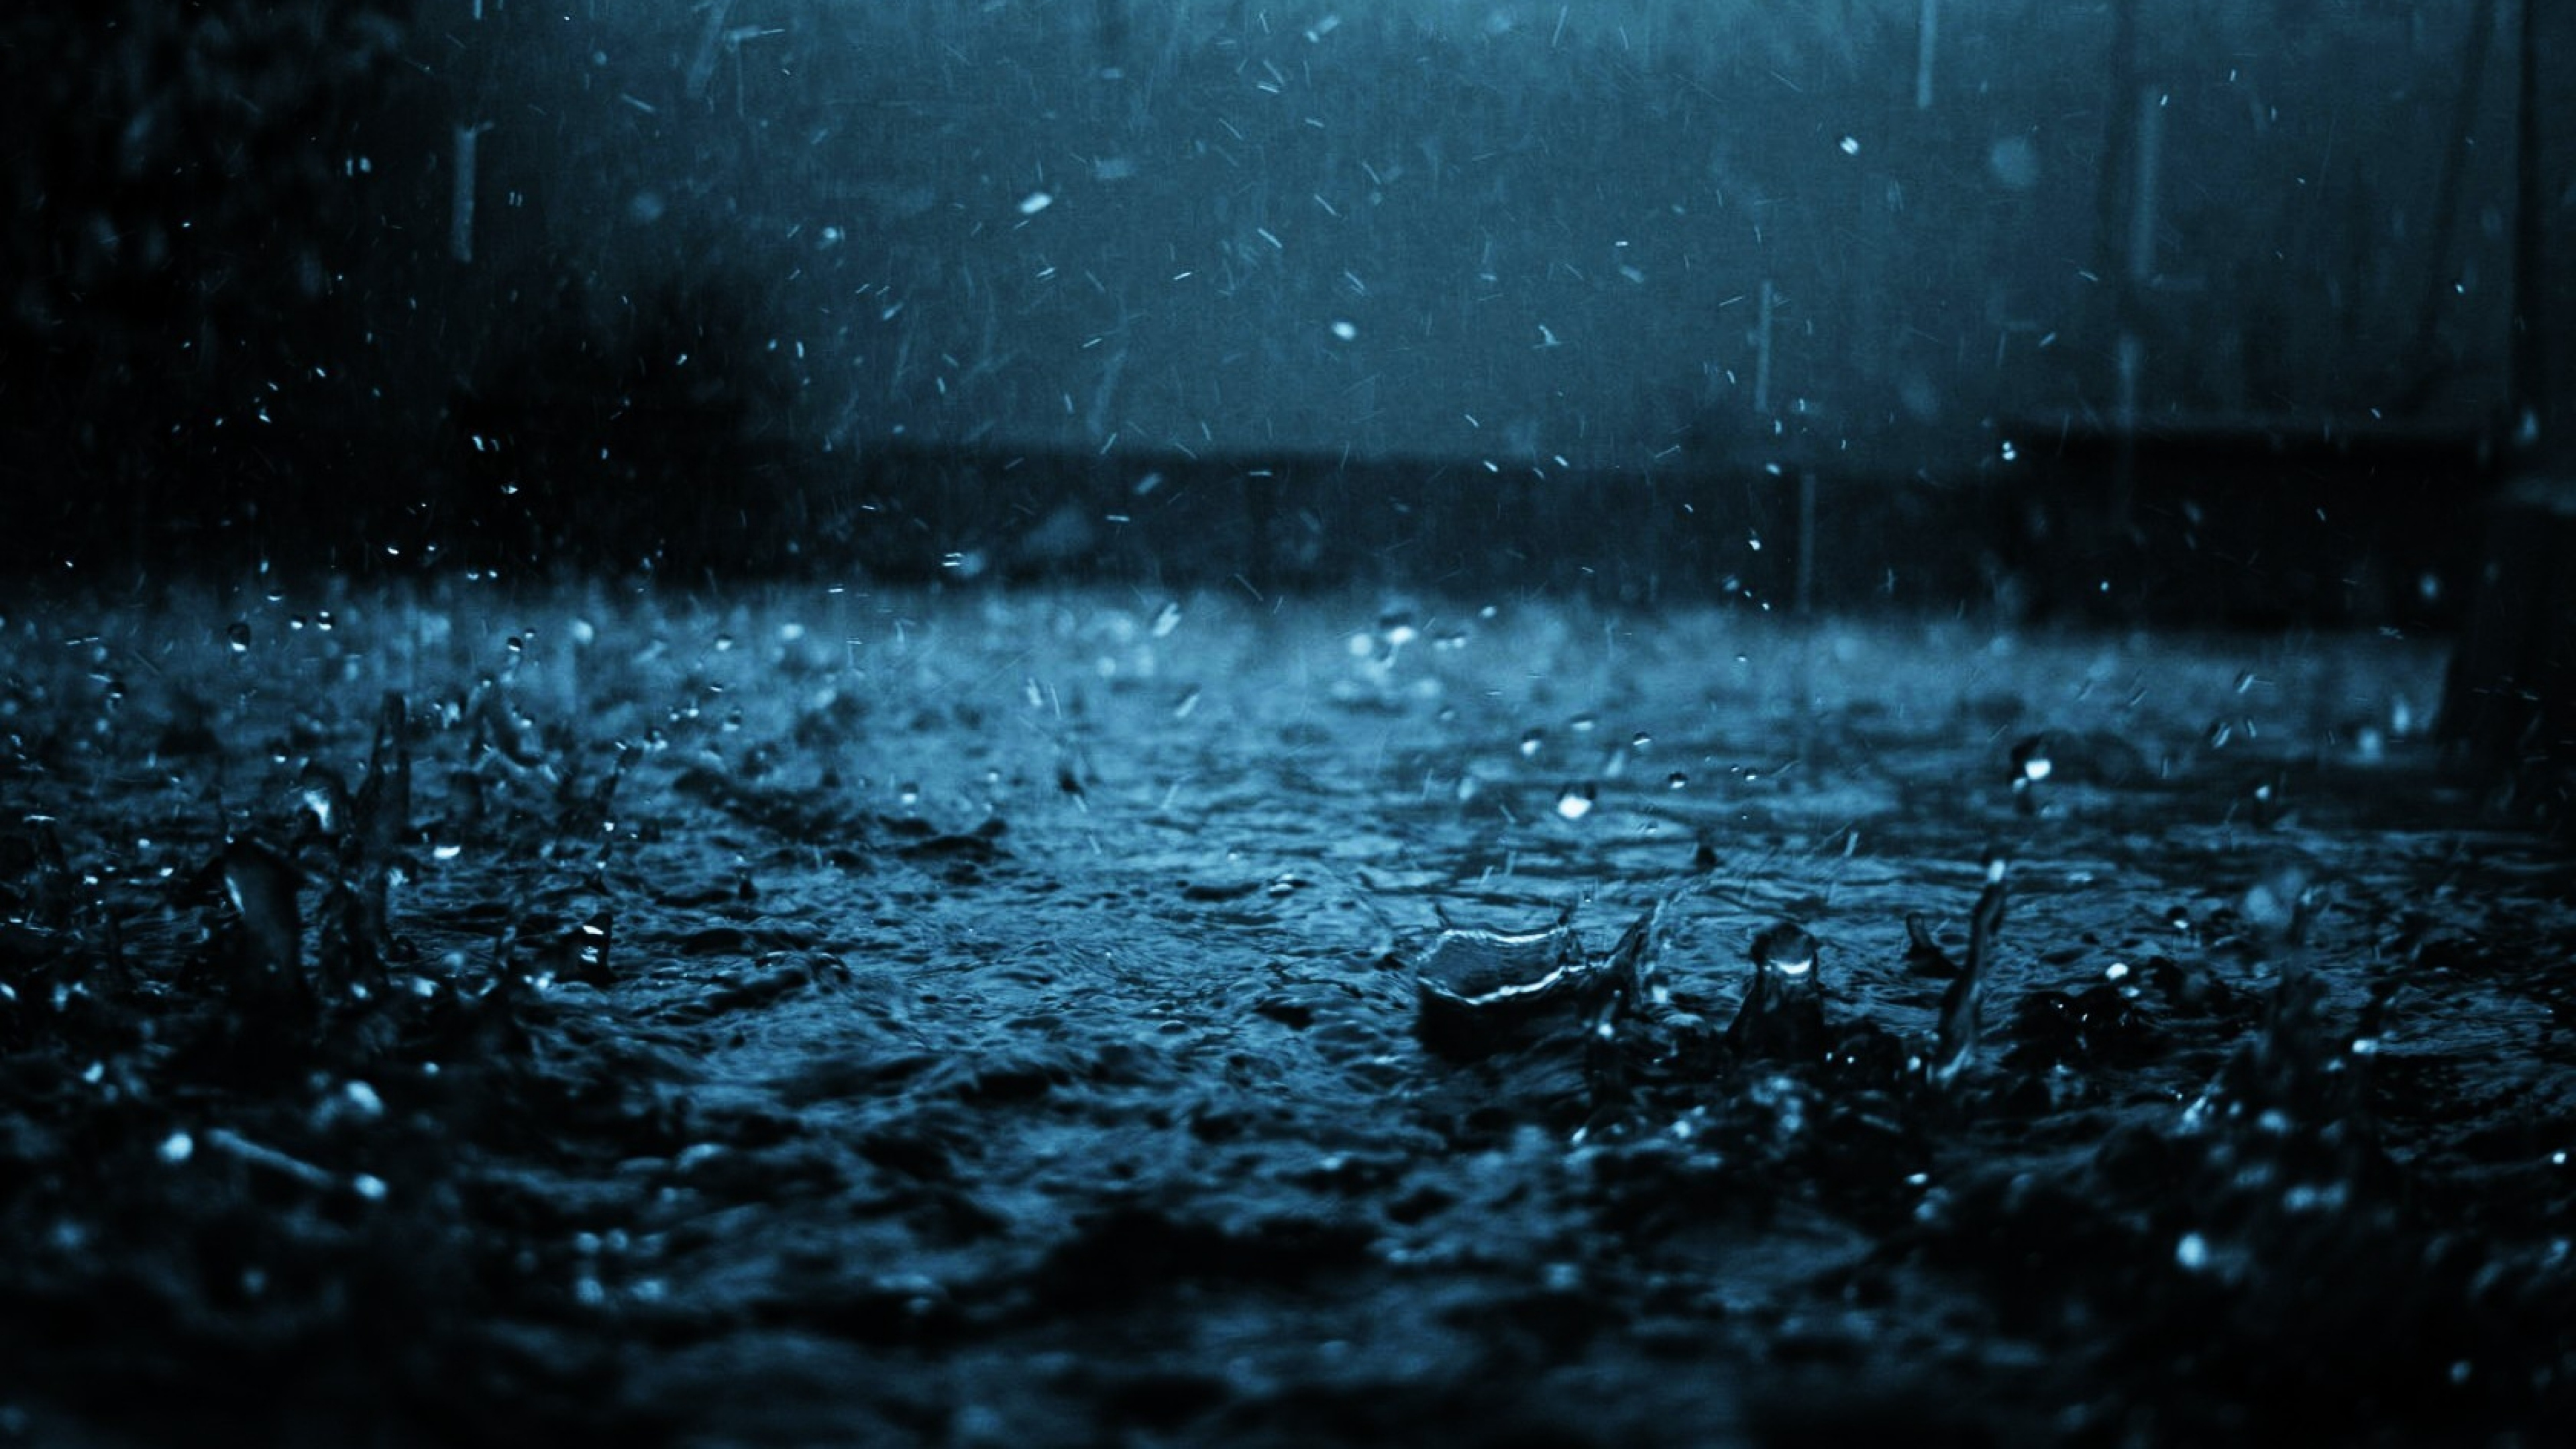 Download Wallpaper 3840x2160 close up drop black blue rain 4K 3840x2160